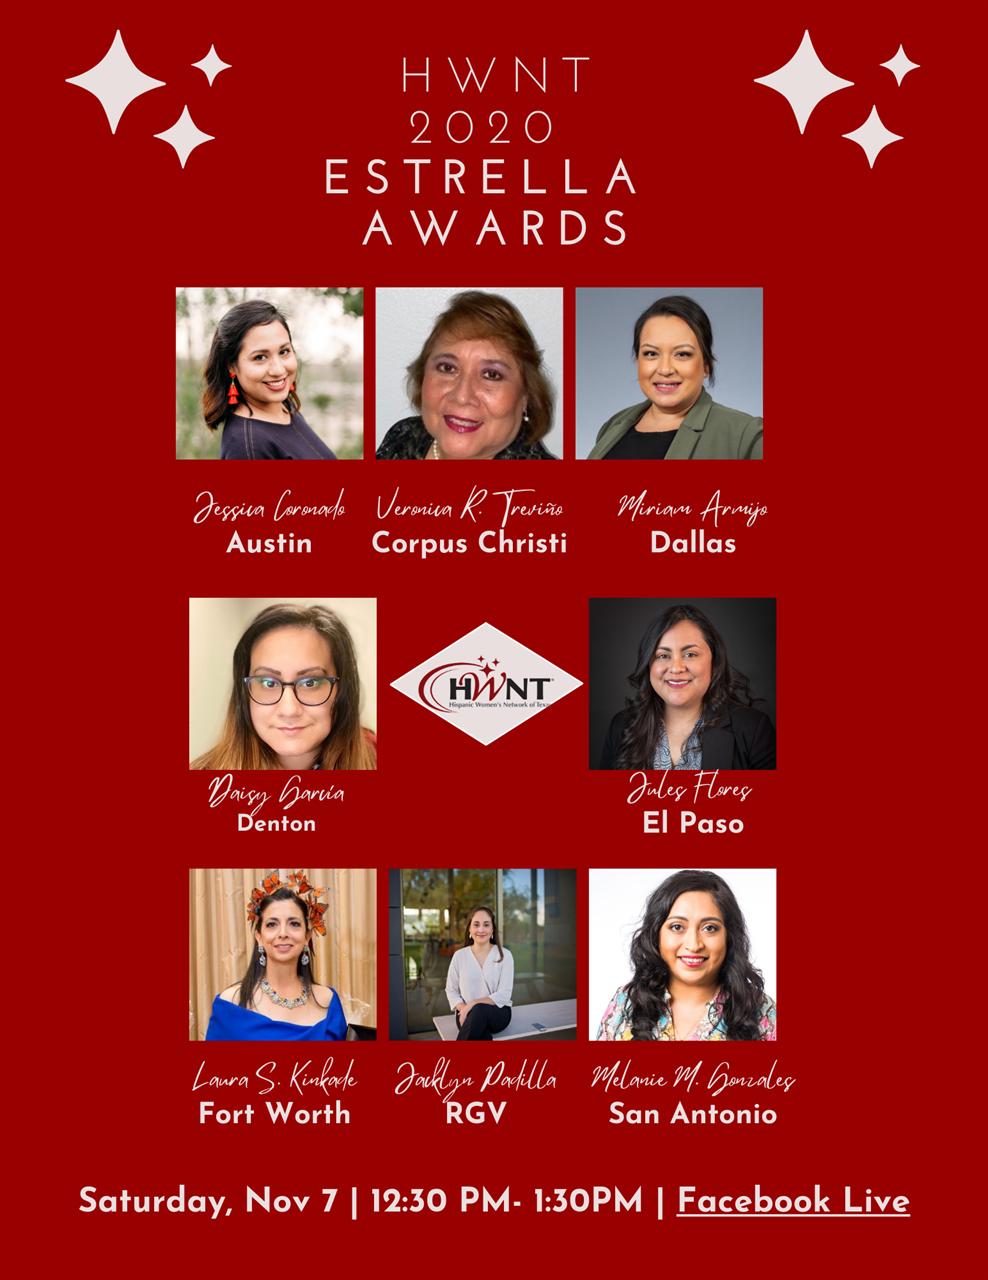 Poster of HWNT 2020 Estrella Award